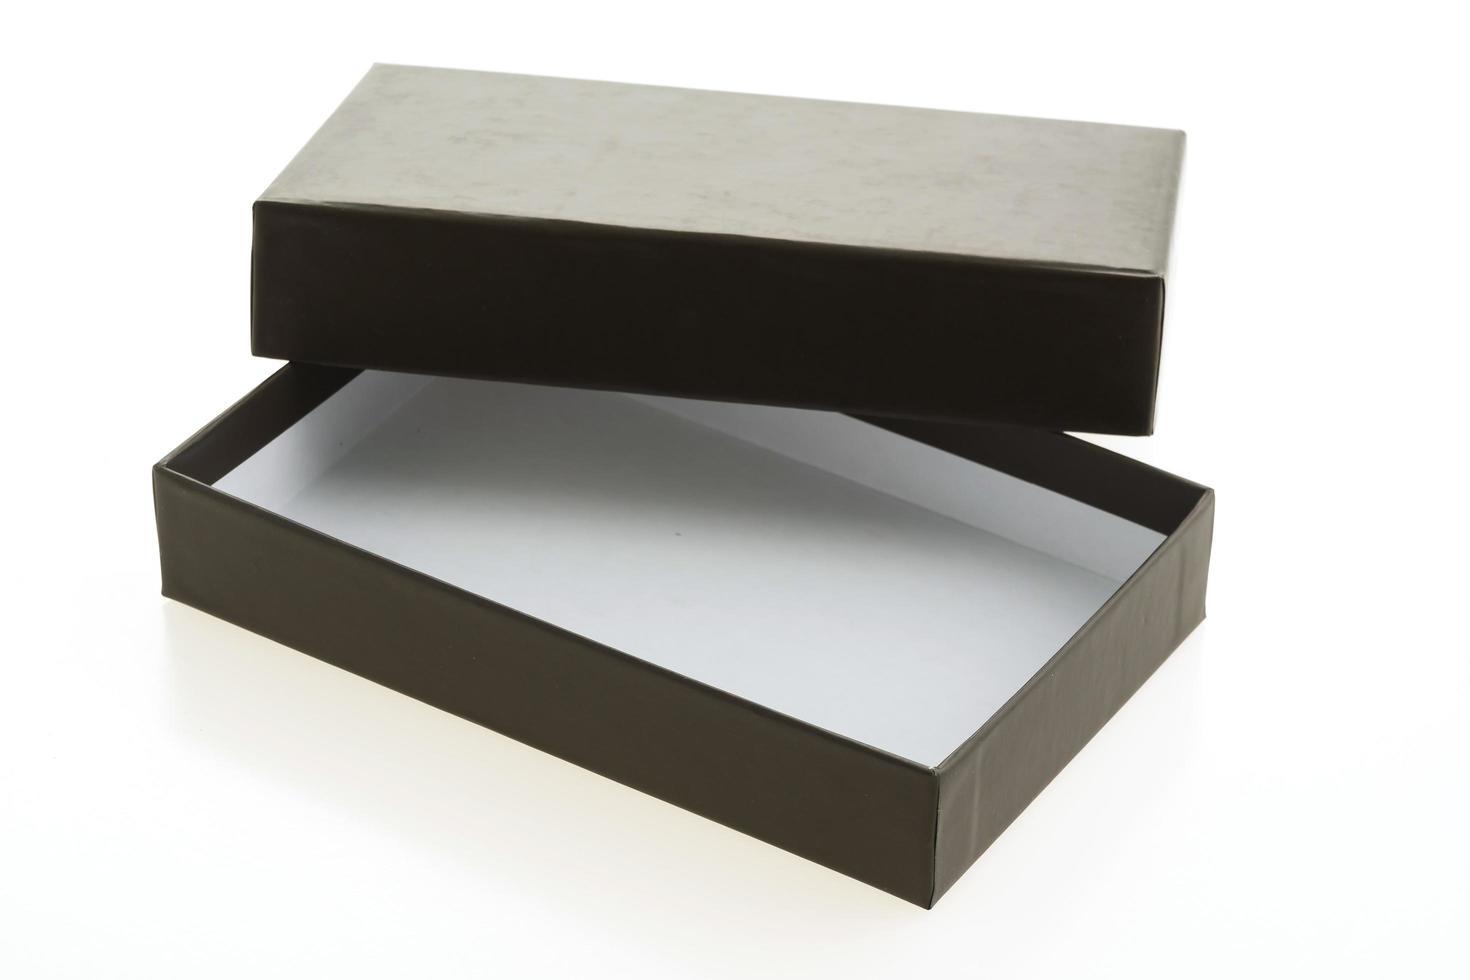 leere schwarze Box auf weißem Hintergrund foto